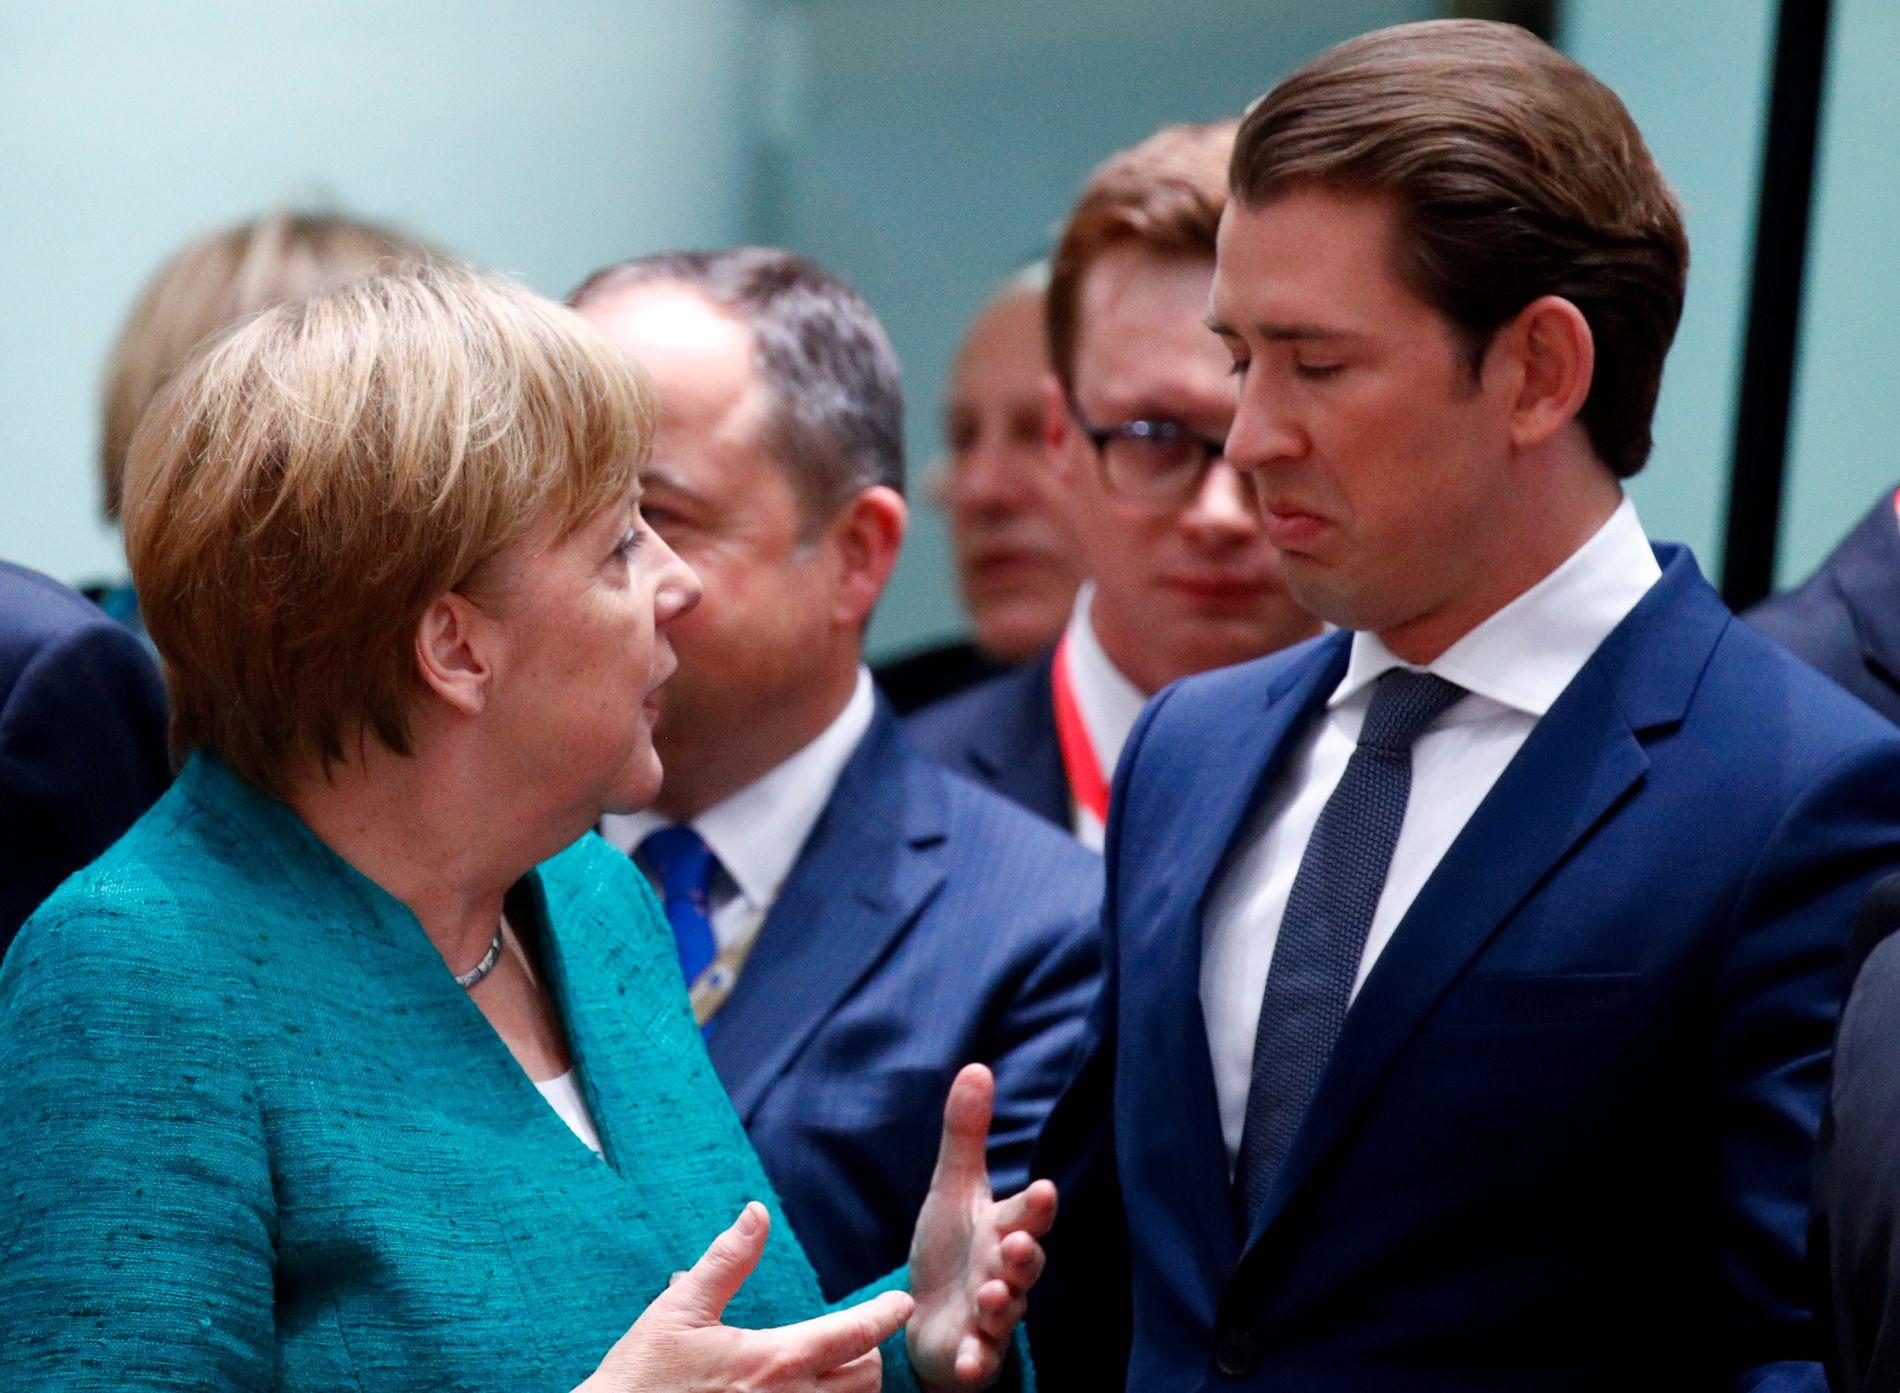 STOR AVSTAND: Tysklands forbundskansler Angela Merkel og Østerrikes kansler Sebastian Kurz står på hver sin side i EU-striden om migrasjon og asyl.